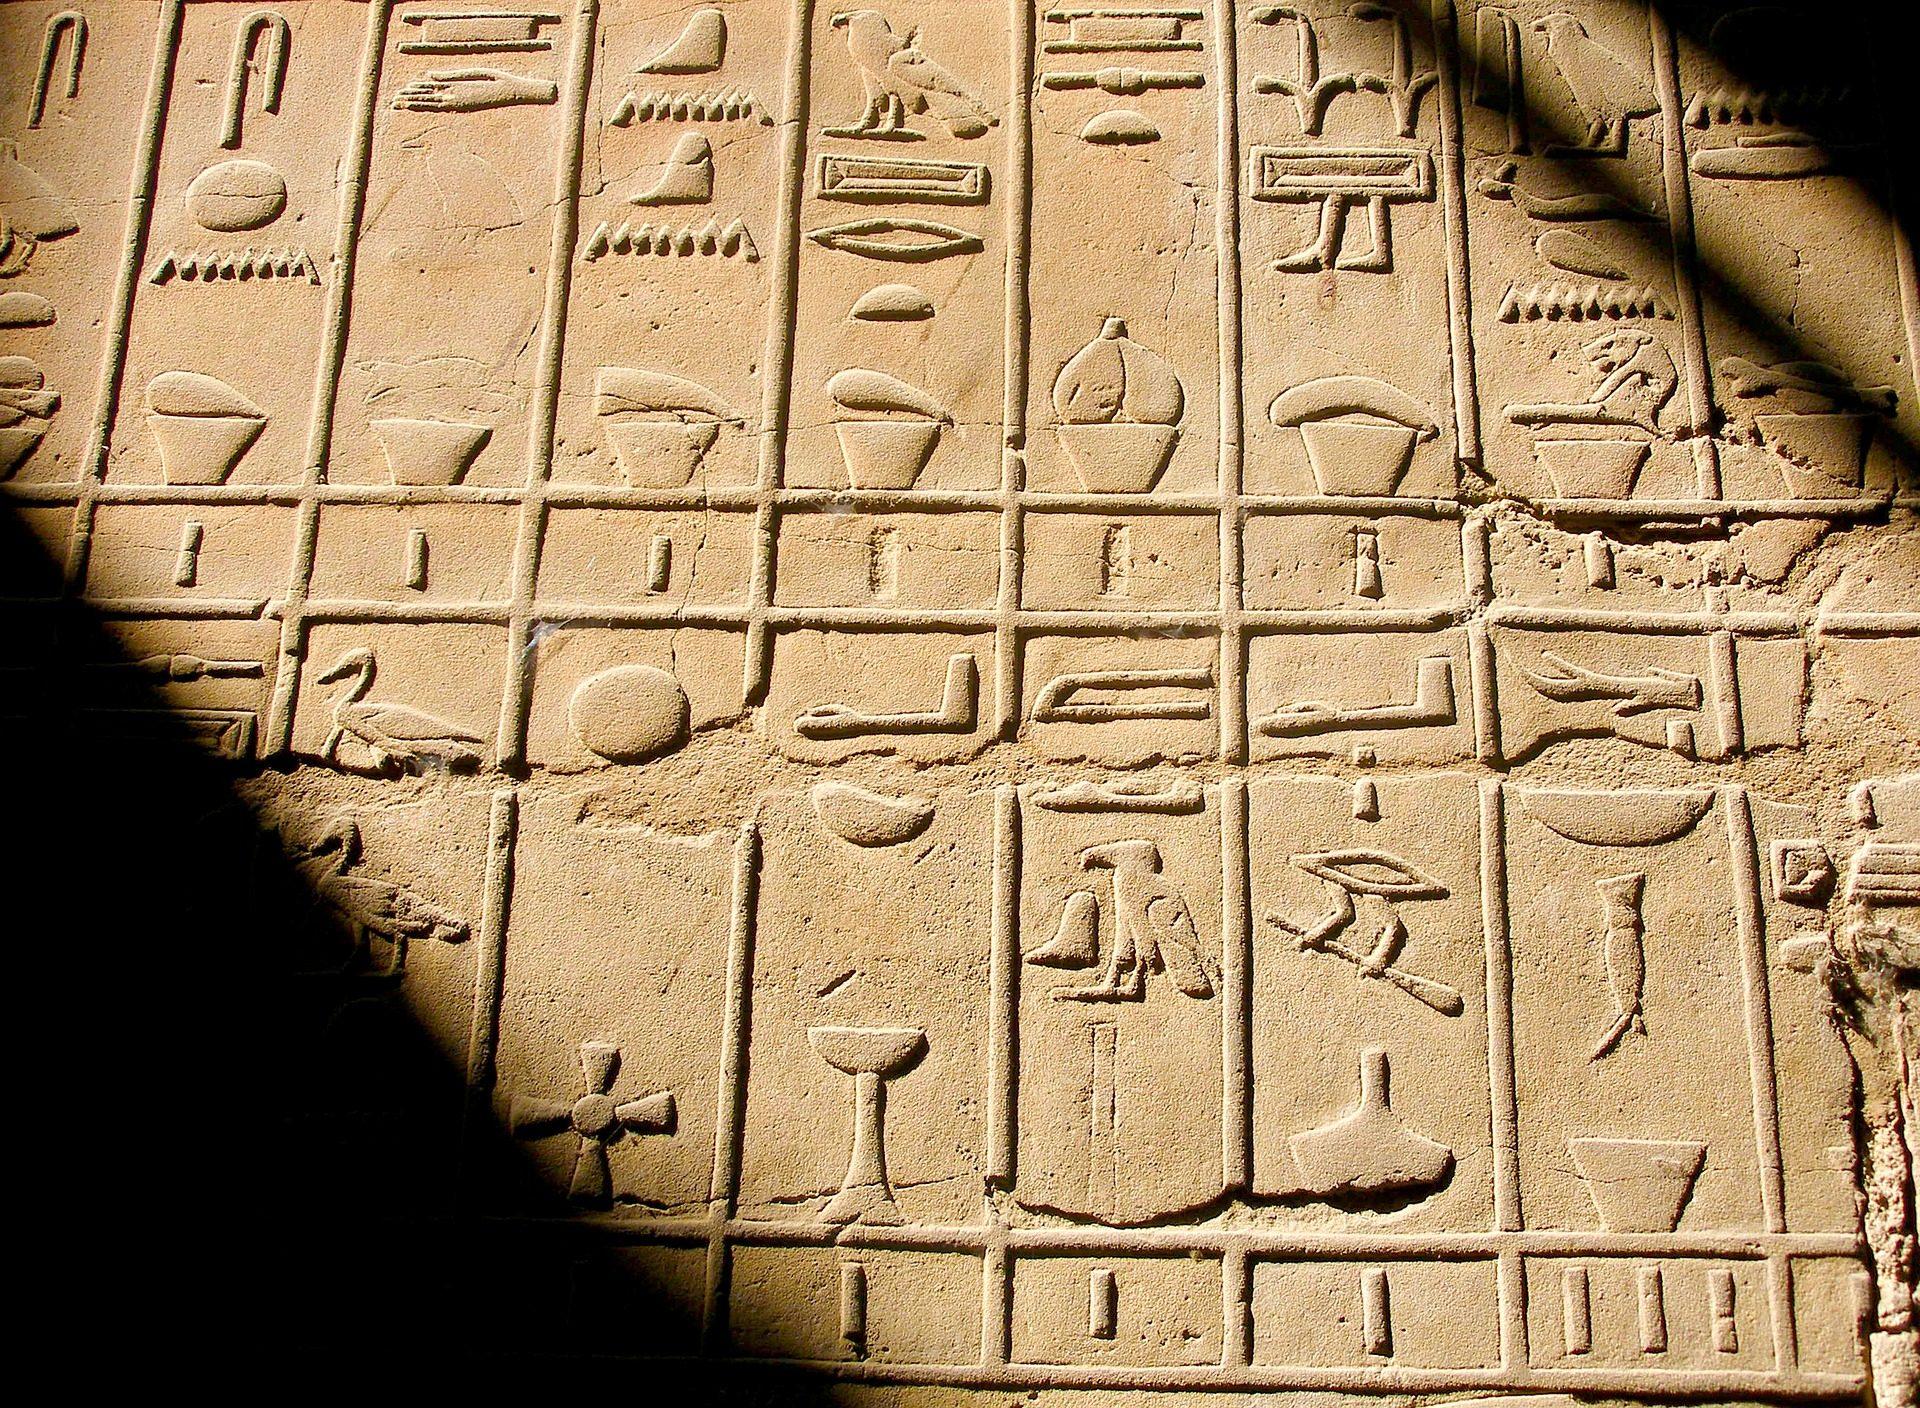 geroglifico, scrittura, Egiziano, Parete, Pietra, oggetto d'antiquariato - Sfondi HD - Professor-falken.com